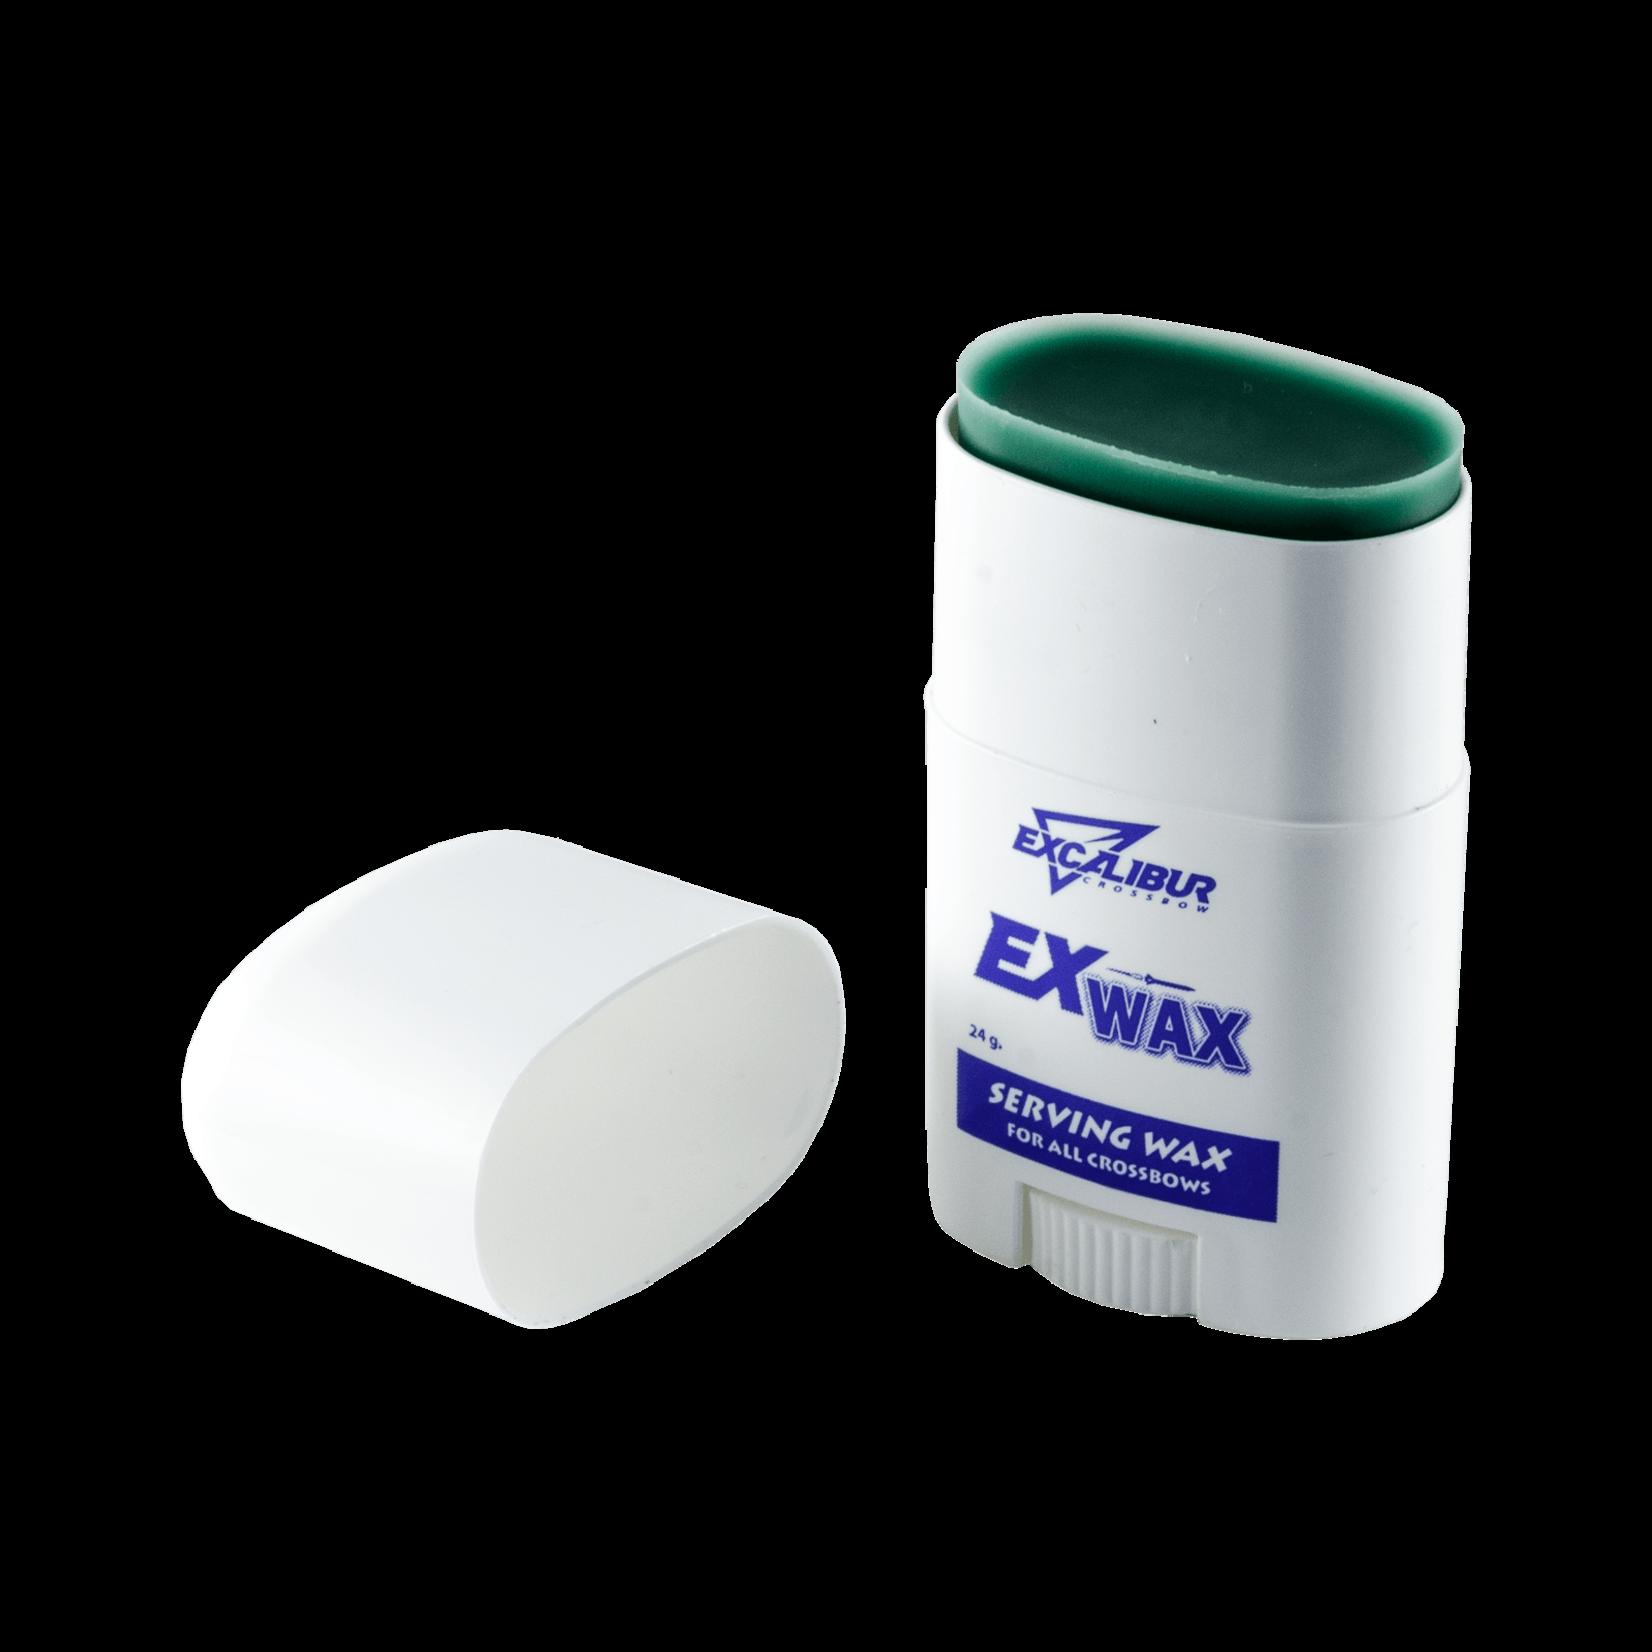 Excalibur Excalibur Ex-Wax Serving Wax